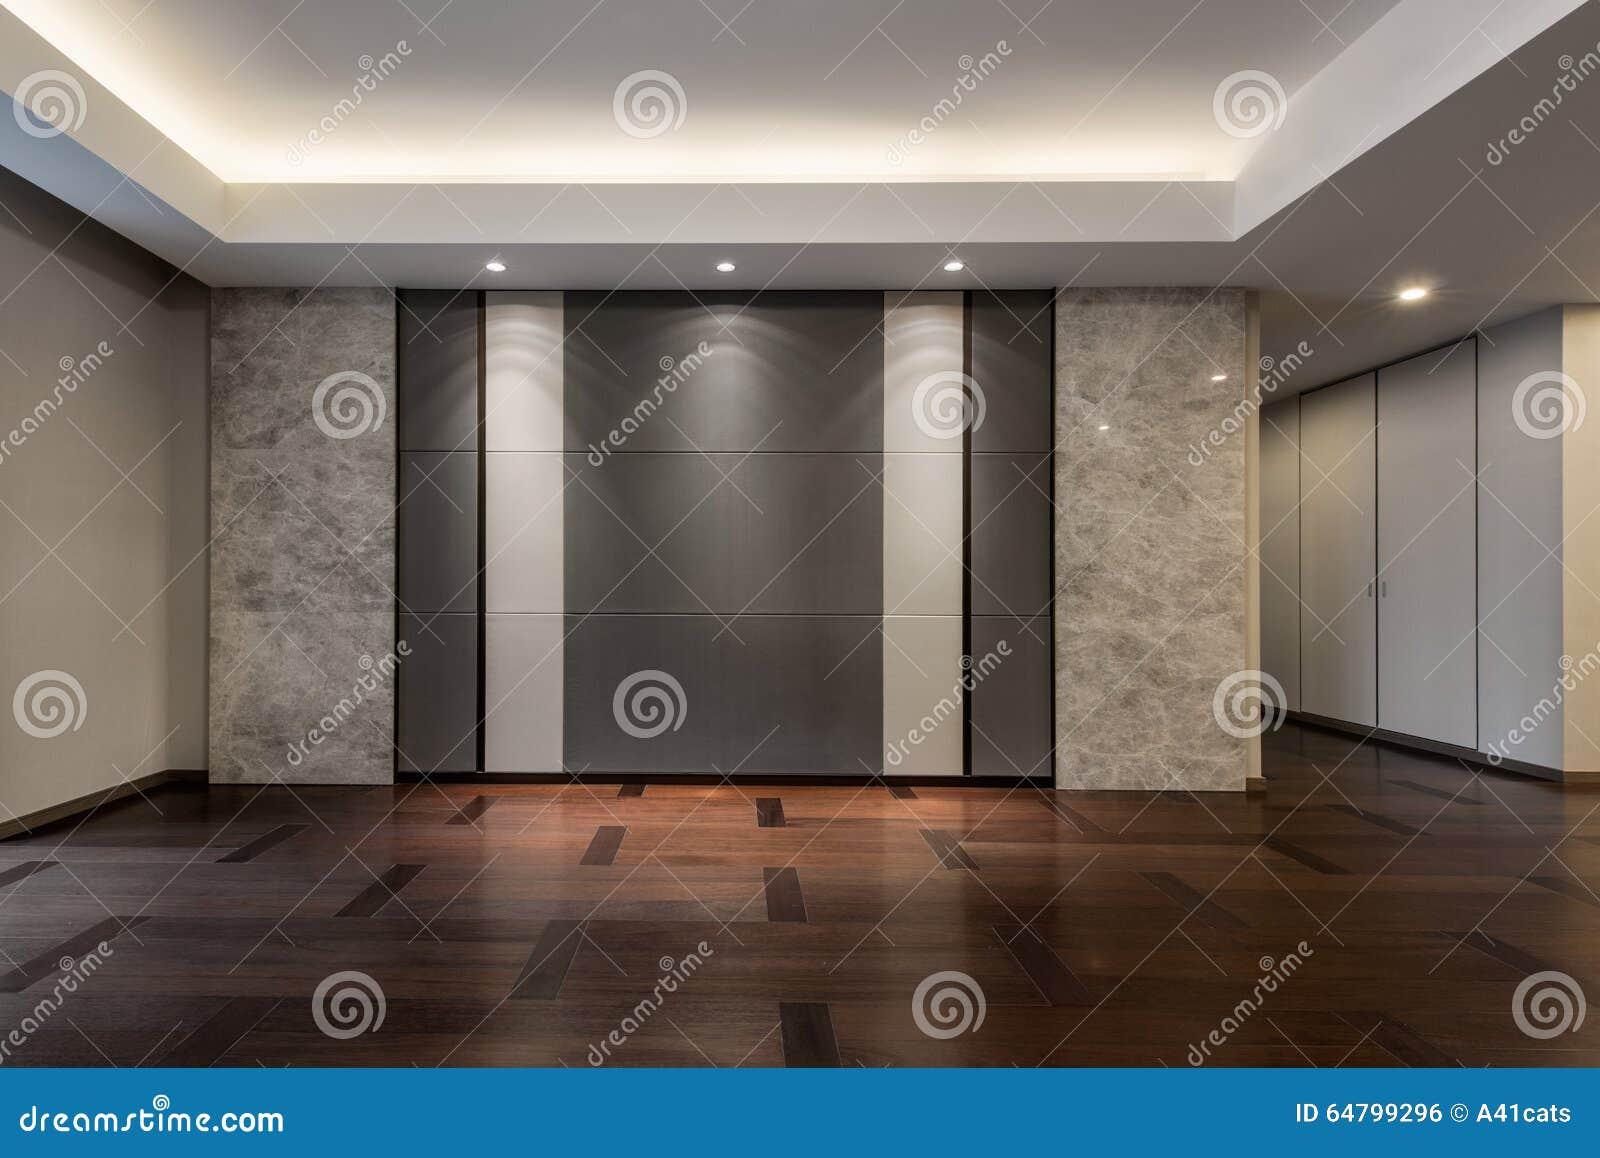 Lege woonkamer in grijze kleur stock foto afbeelding: 64799296